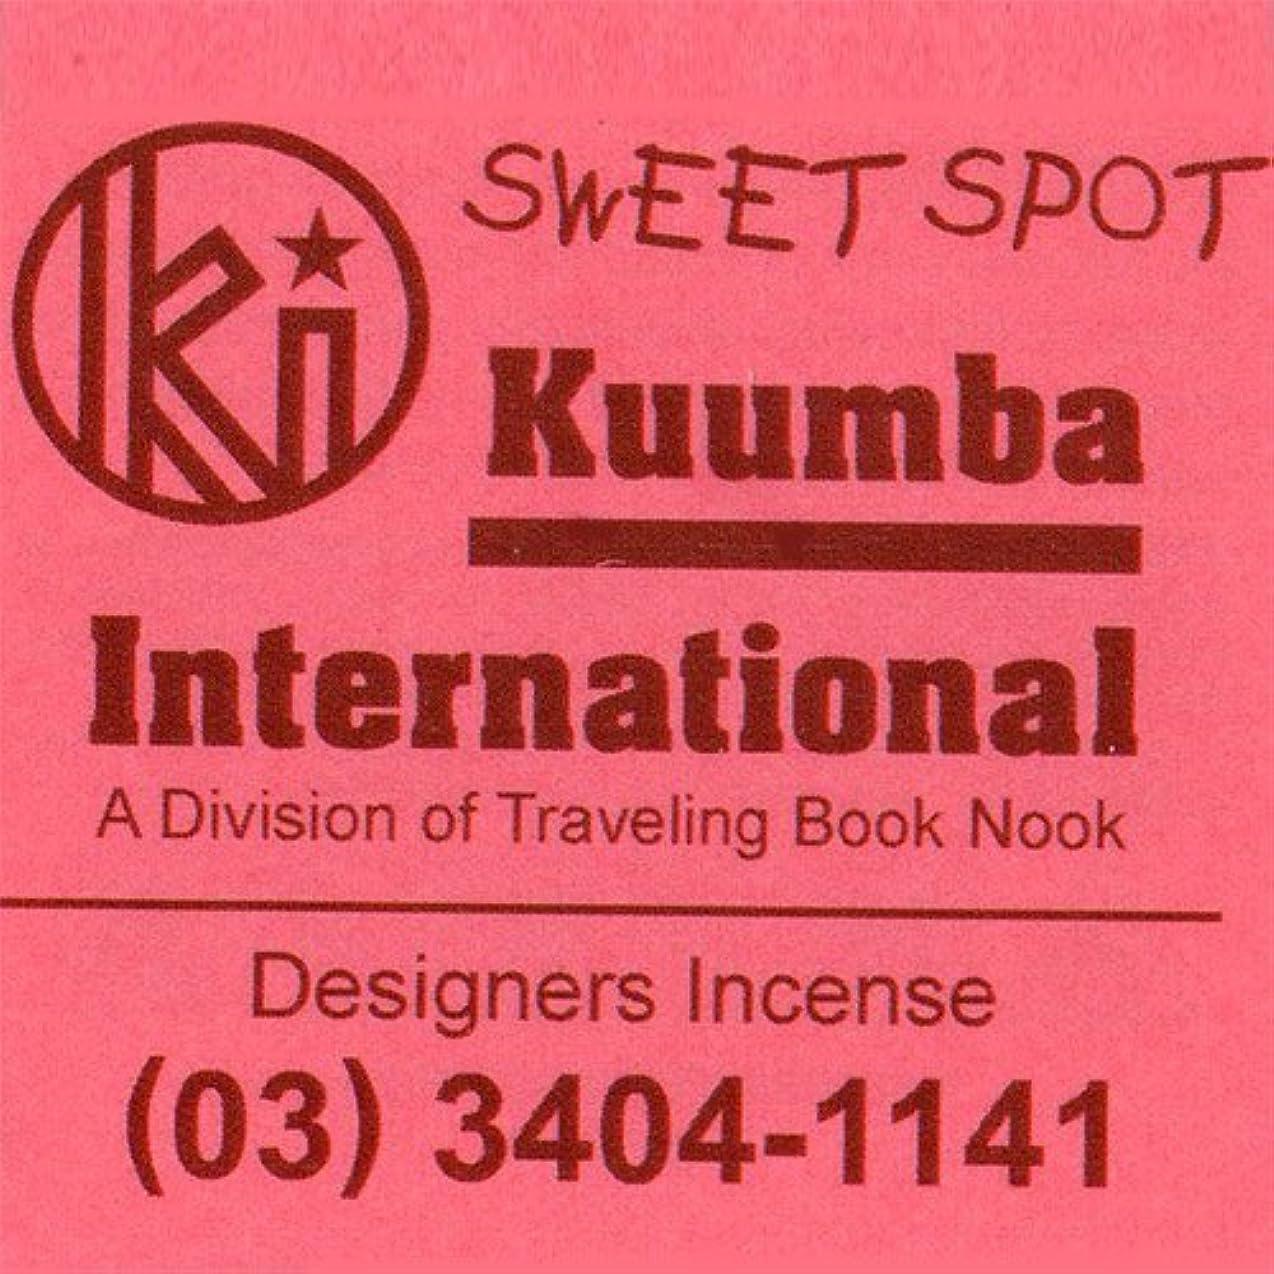 フィットネスプラカードオーガニックKUUMBA / クンバ『incense』(SWEET SPOT) (Regular size)